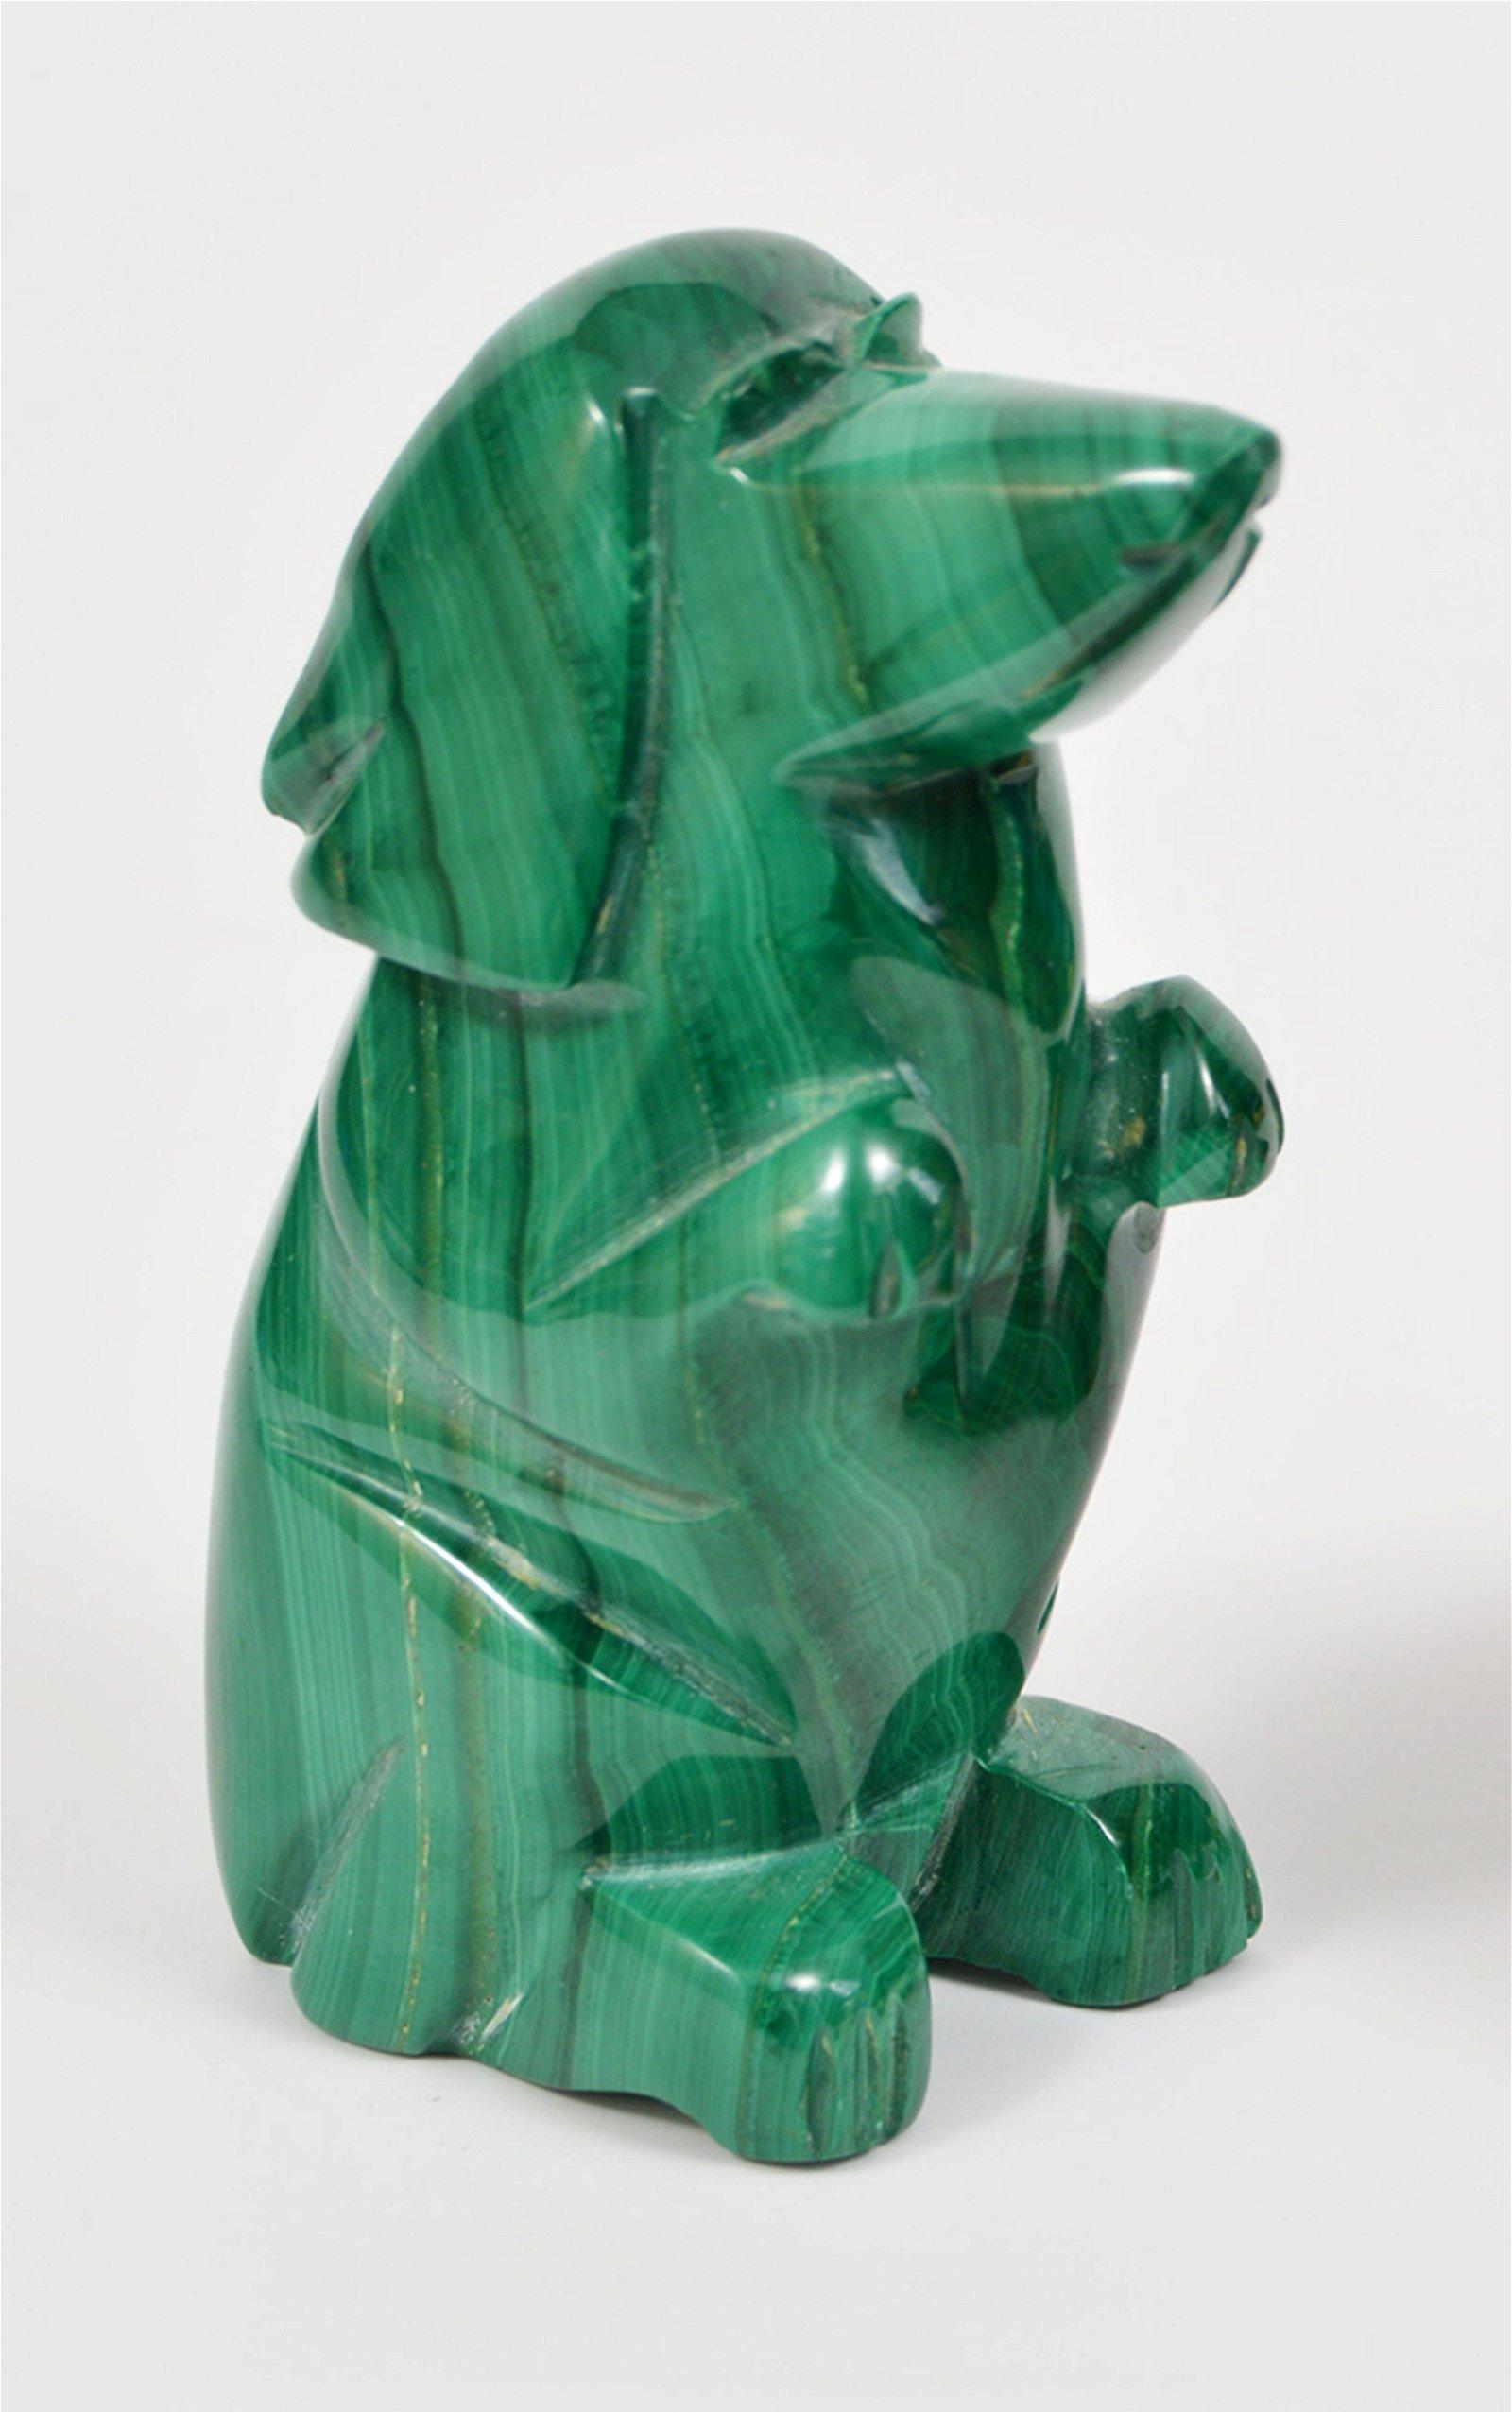 Malachite Craved Dog Figurine